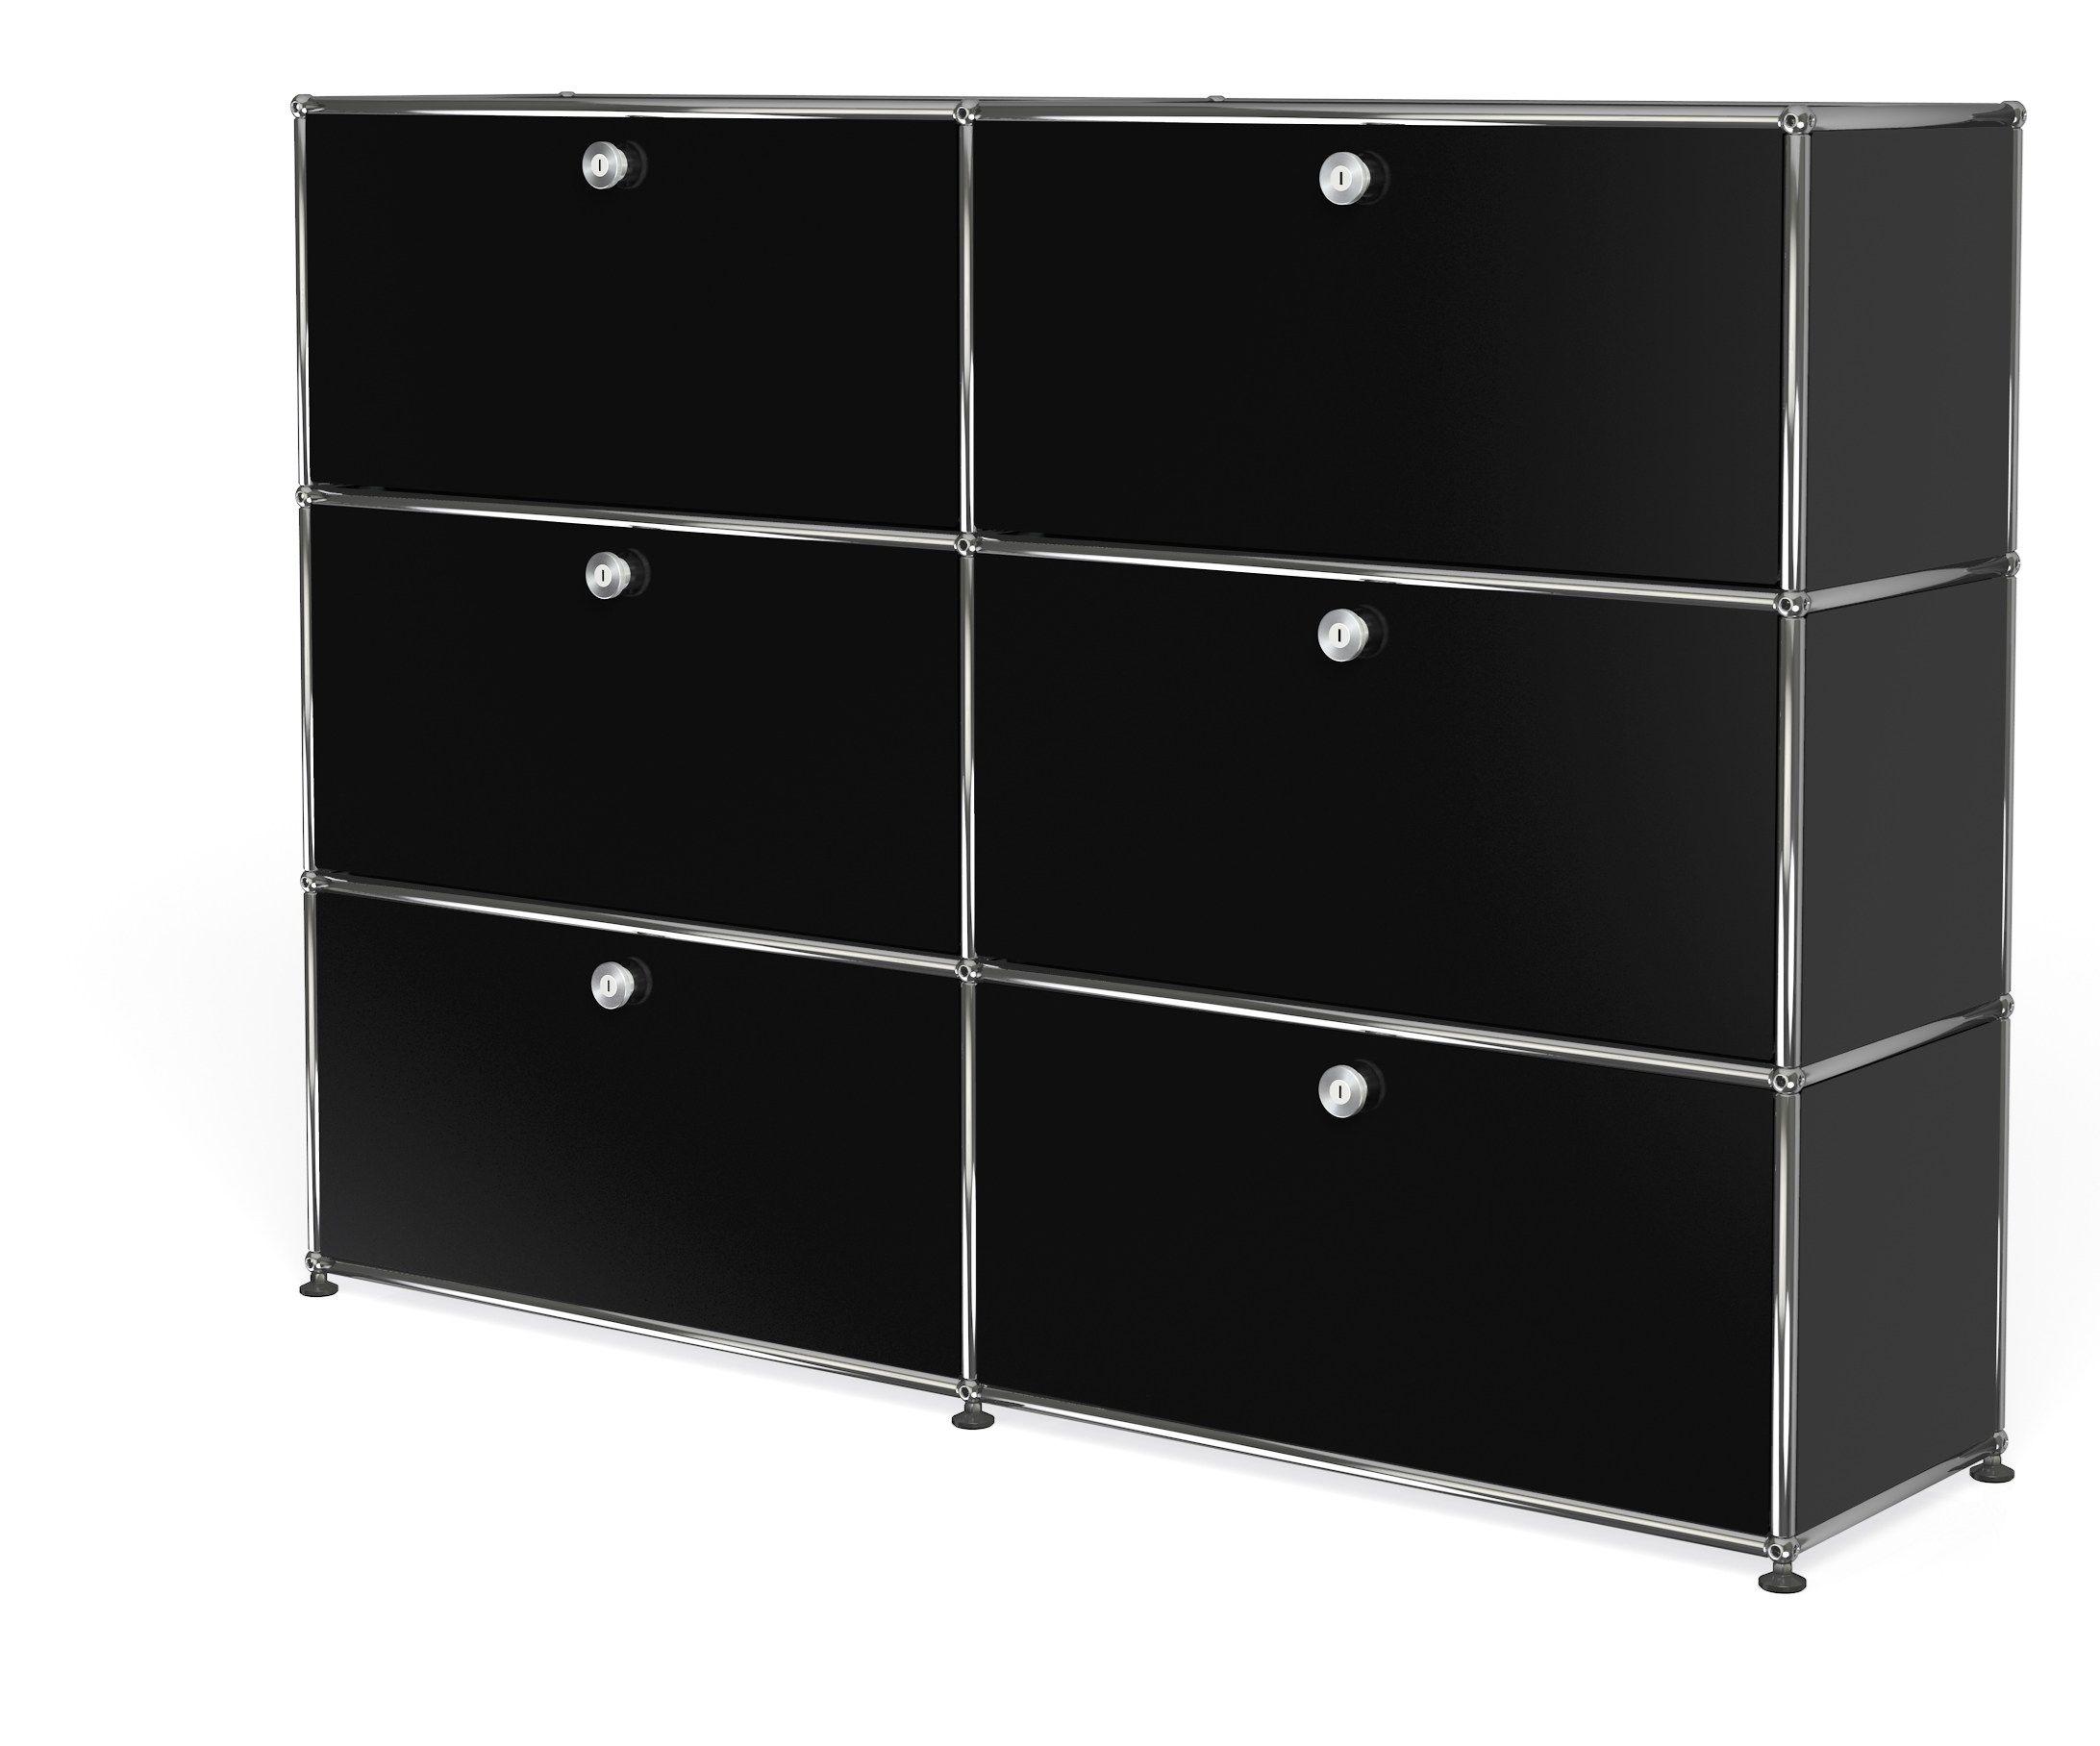 usm haller storage for home office office shelving by usm modular furniture design fritz haller. Black Bedroom Furniture Sets. Home Design Ideas